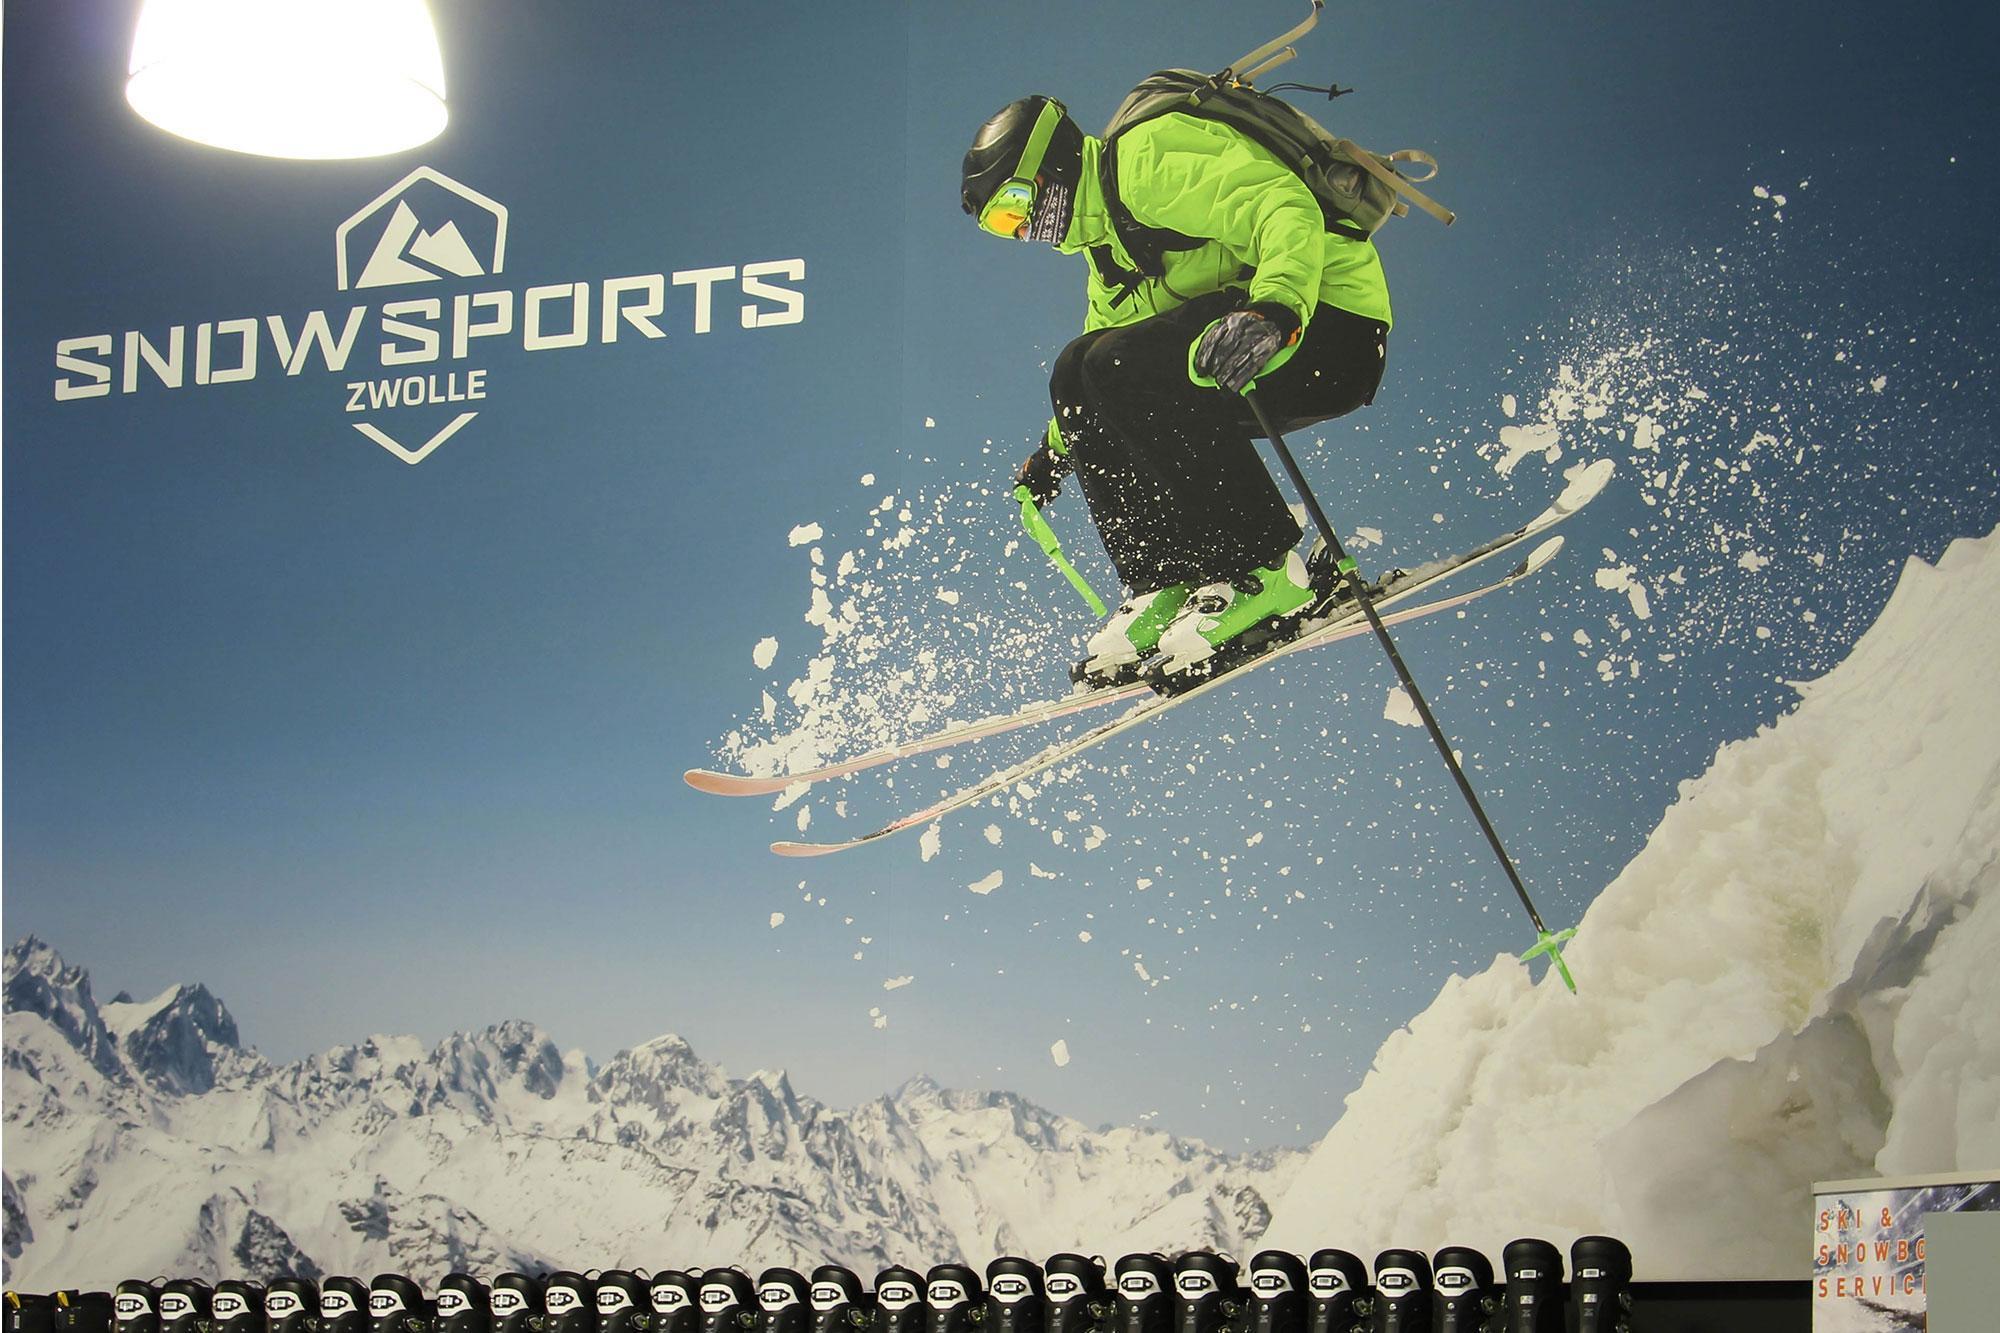 Snowsports akoestisch